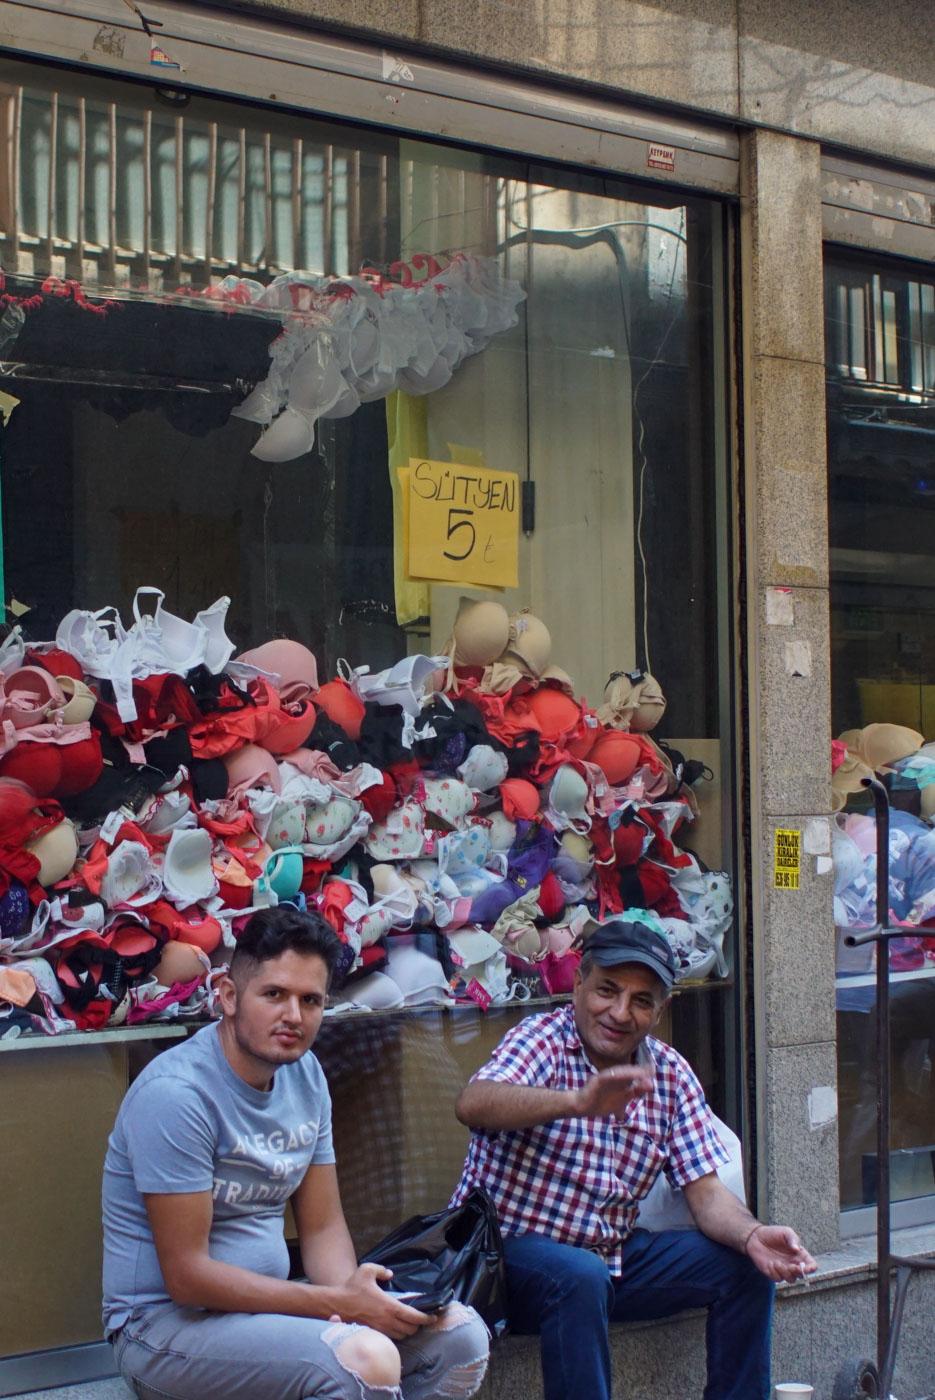 Zwei Männer sitzen vor einer Ladenfront und Lachen in die Kamera. Hinter ihnen ist ein Schaufenster voll mit BHs und einem Schild, dass diese 5 Lira der Stückkosten.